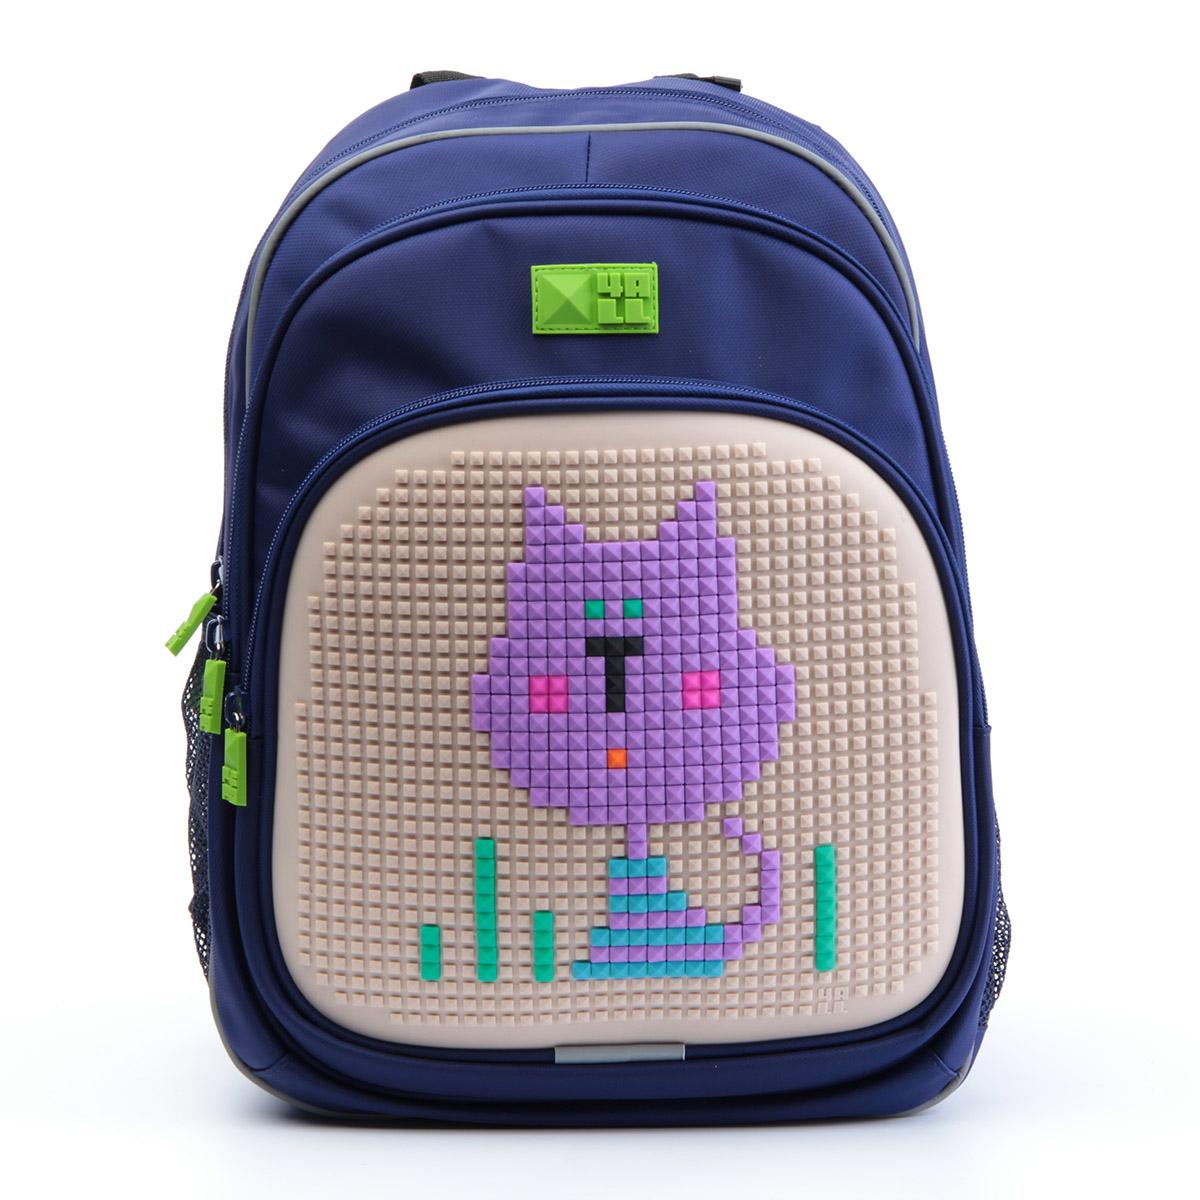 4ALL Рюкзак Kids цвет темно-синийRT63-02NРюкзак 4ALL - это одновременно яркий, функциональный школьный аксессуар и площадка для самовыражения. Уникальные рюкзаки Kids имеют гипоаллергенную силиконовую панель и разноцветные мозаичные биты, с помощью которых на рюкзаке можно создавать графические шедевры хоть каждый день! Модель выполнена из полиэстера с водоотталкивающей пропиткой. Рюкзак имеет 2 отделения, снаружи расположены 3 кармана (передний - на молнии, боковые - сетчатые). Система Air Comfort System обеспечивает свободную циркуляцию воздуха между задней стенкой рюкзака и спиной ребенка. Система Ergo System служит равномерному распределению нагрузки на спину ребенка, сохранению правильной осанки. Она способна сделать рюкзак, наполненный учебниками, легким. Ортопедическая спинка как корсет поддерживает позвоночник, правильно распределяя нагрузку. Простая и удобная конструкция спины и лямок позволяет использовать рюкзак даже деткам от 3-х лет. Светоотражающие вставки отвечают за безопасность...